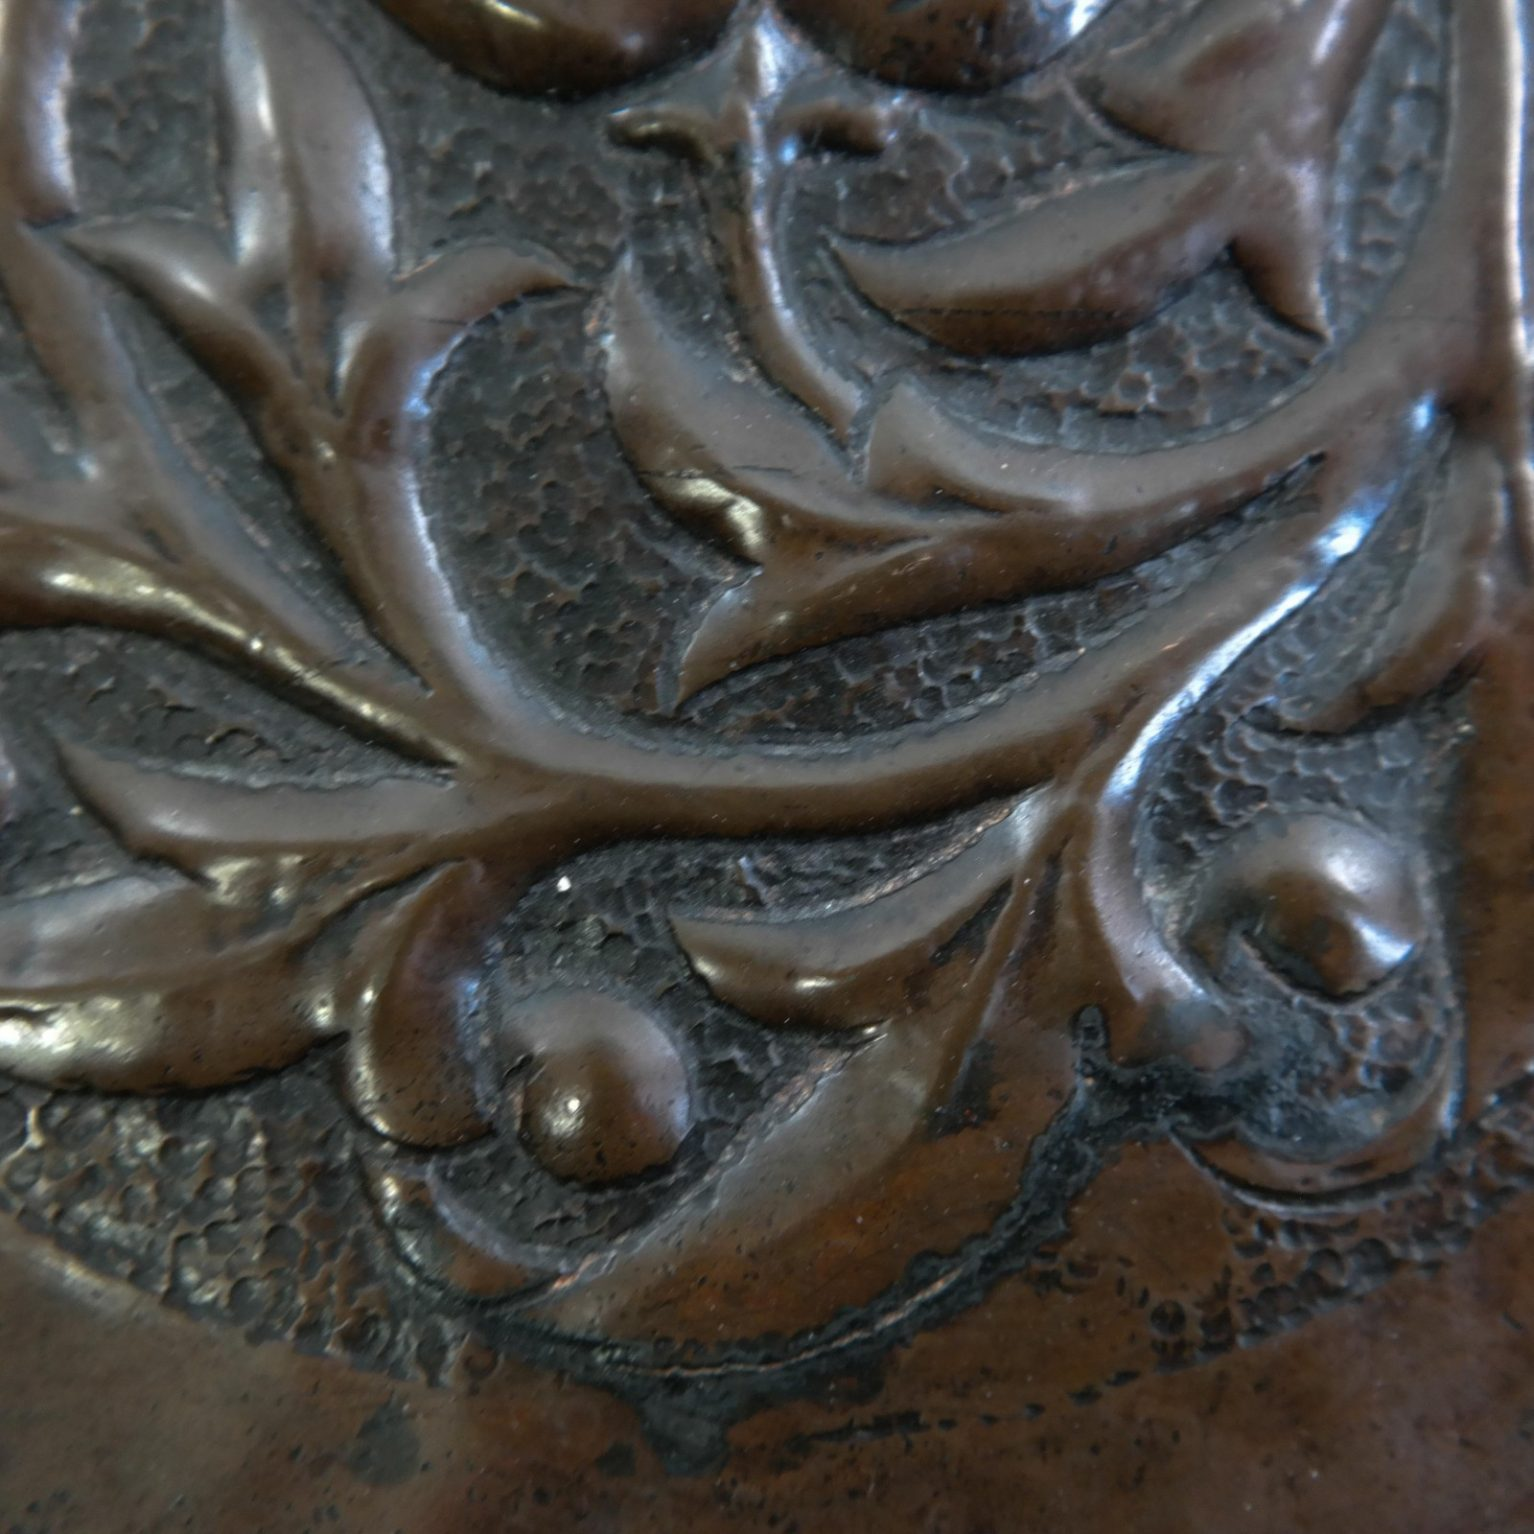 Doopschotel, offerrandeschotel uit de 17e eeuw